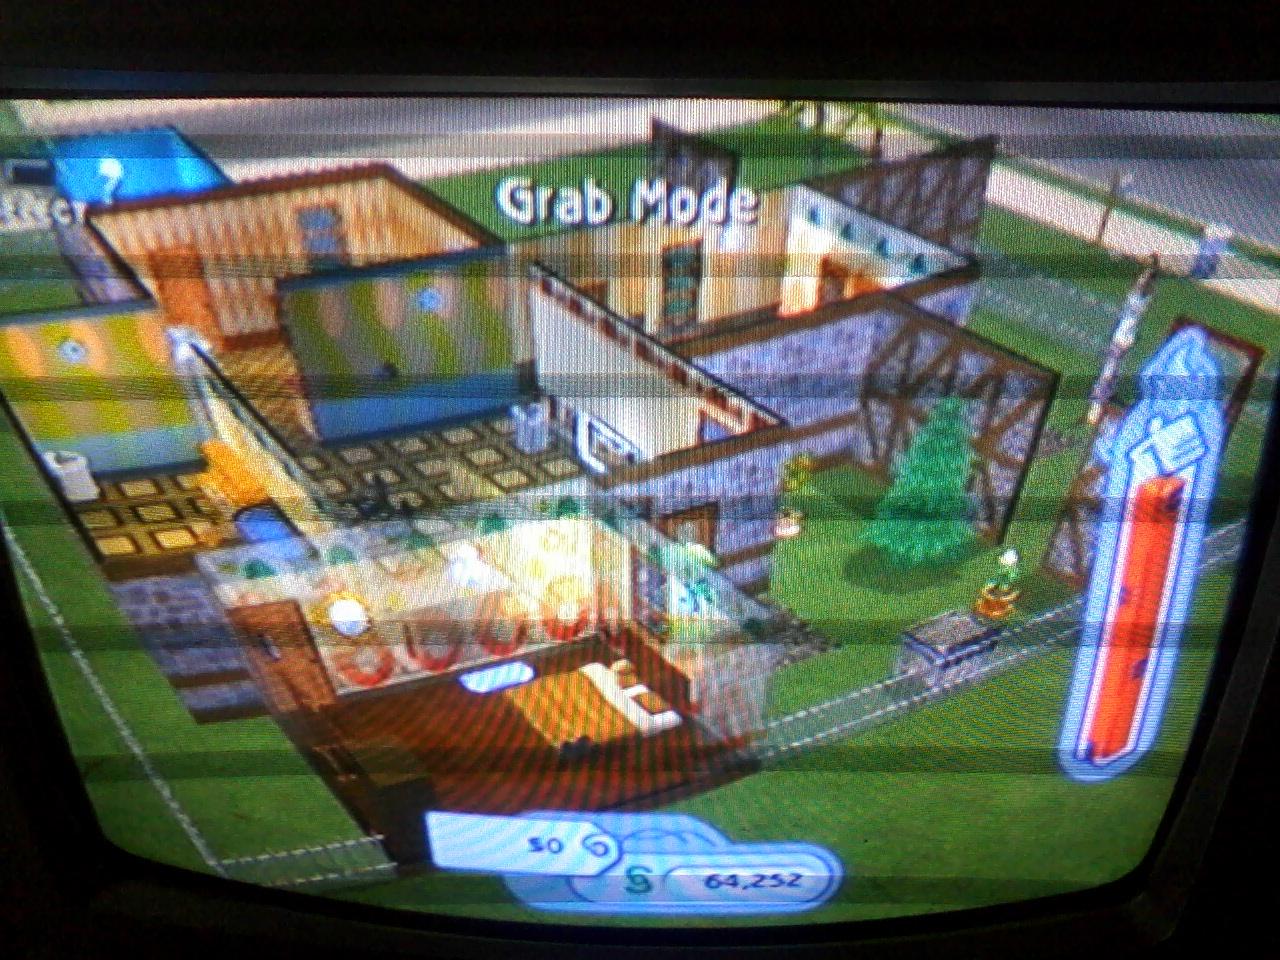 Ini Desain Rumah Yg Pertama Utk Yg Selanjutnya Ntr Akk Posting Lagi... Maaf Agak Jelek Trus Gambarnya Ada Garis-garisnya Aku Foto Pake Hp. & Desain Rumah Mewah The Sims 2 \u0026 The Big House [Lot 2]